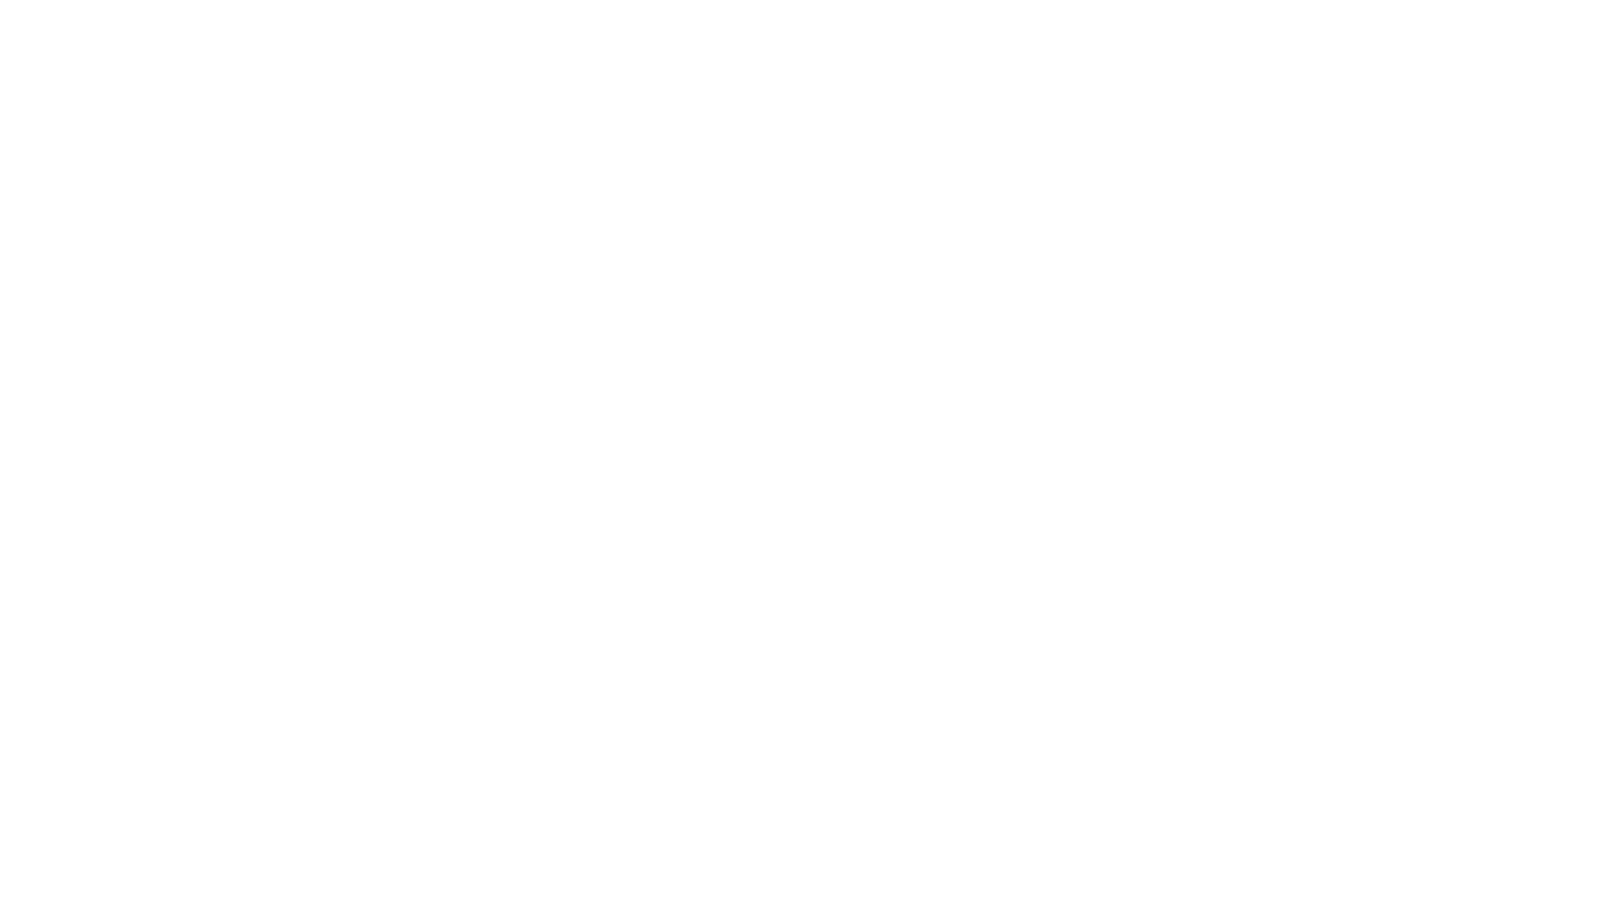 """Episode kali ini, symSPOSIa menyajikan sebuah diskusi dan obrolan hangat bersama Bupati Kotawaringin Timur untuk membahas topik yang sangat menarik untuk symSPOSIan simak yakni mengenai Hutan, Kebun, dan Pembangunan Berkelanjutan di Kotawaringin Timur.   Beberapa sub-topik yang kita bahas di antaranya : 1. Sumberdaya Alam hutan dan Kebun di Kotawaringin Timur 2. Kontribusi Perkebunan Kelapa Sawit (Swadaya/Perusahaan) terhadap pembangunan di Kotawaringin Timur 3. Isu lingkungan di Perkebunan Sawit (Strategi Jangka benah) 4. Harapan, dukungan dan ide/gagasan Bupati dalam mempertahankan keanekaragaman hayati di Kotawaringin Timur   Host : Irfan Bakhtiar (Direktur SPOSI) Narasumber : H. Halikinnor, S.H., M.M. (Bupati Kotawaringin Timur)   """"Masa Brasil punya Amazon, negara kita tidak punya!"""" (Bupati Kotawaringin Timur. 2021)   Jangan lupa juga untuk follow media sosial SPOS Indonesia! IG : https://www.instagram.com/sposindones... Website : https://sposindonesia.org/"""